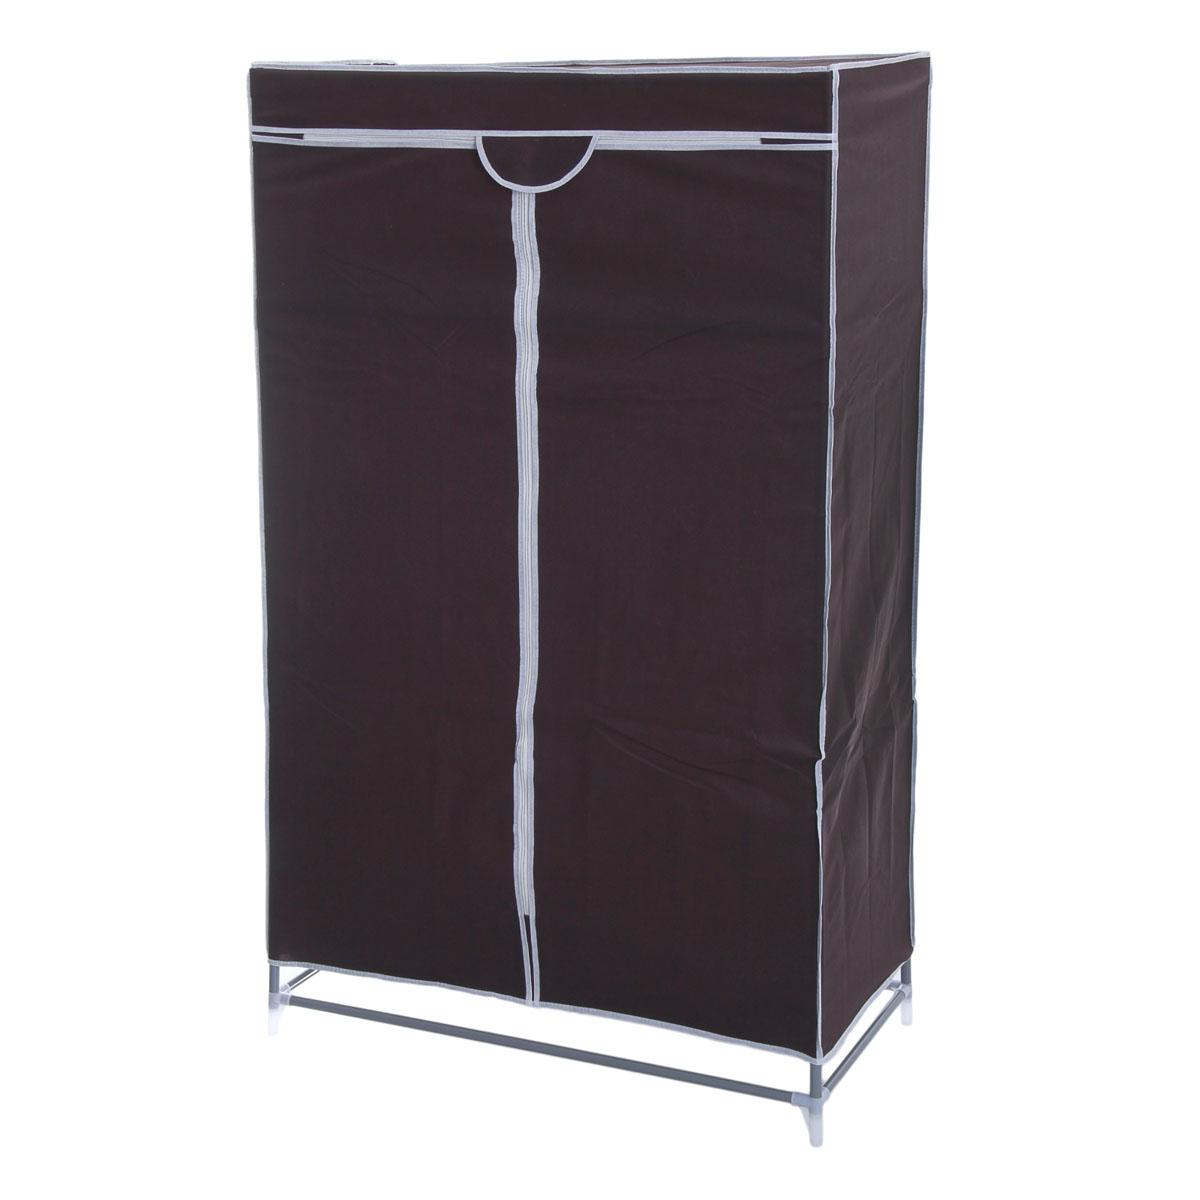 Мобильный шкаф для одежды Sima-land, цвет: кофейный, 90 см х 45 см х 155 см. 888799888799Мобильный шкаф для одежды Sima-land, предназначенный для хранения одежды и других вещей, это отличное решение проблемы, когда наблюдается явный дефицит места или есть временная необходимость. Складной тканевый шкаф - это мобильная конструкция, состоящая из сборного металлического каркаса, на который натянут чехол из нетканого полотна. Корпус шкафа сделан из легкой, но прочной стали, а обивка из полиэстера, который можно легко стирать в стиральной машинке. Шкаф оснащен двумя текстильными дверями, которые закрываются на застежку-молнию. Шкаф снабжен полкой и планкой для хранения вещей на вешалках.